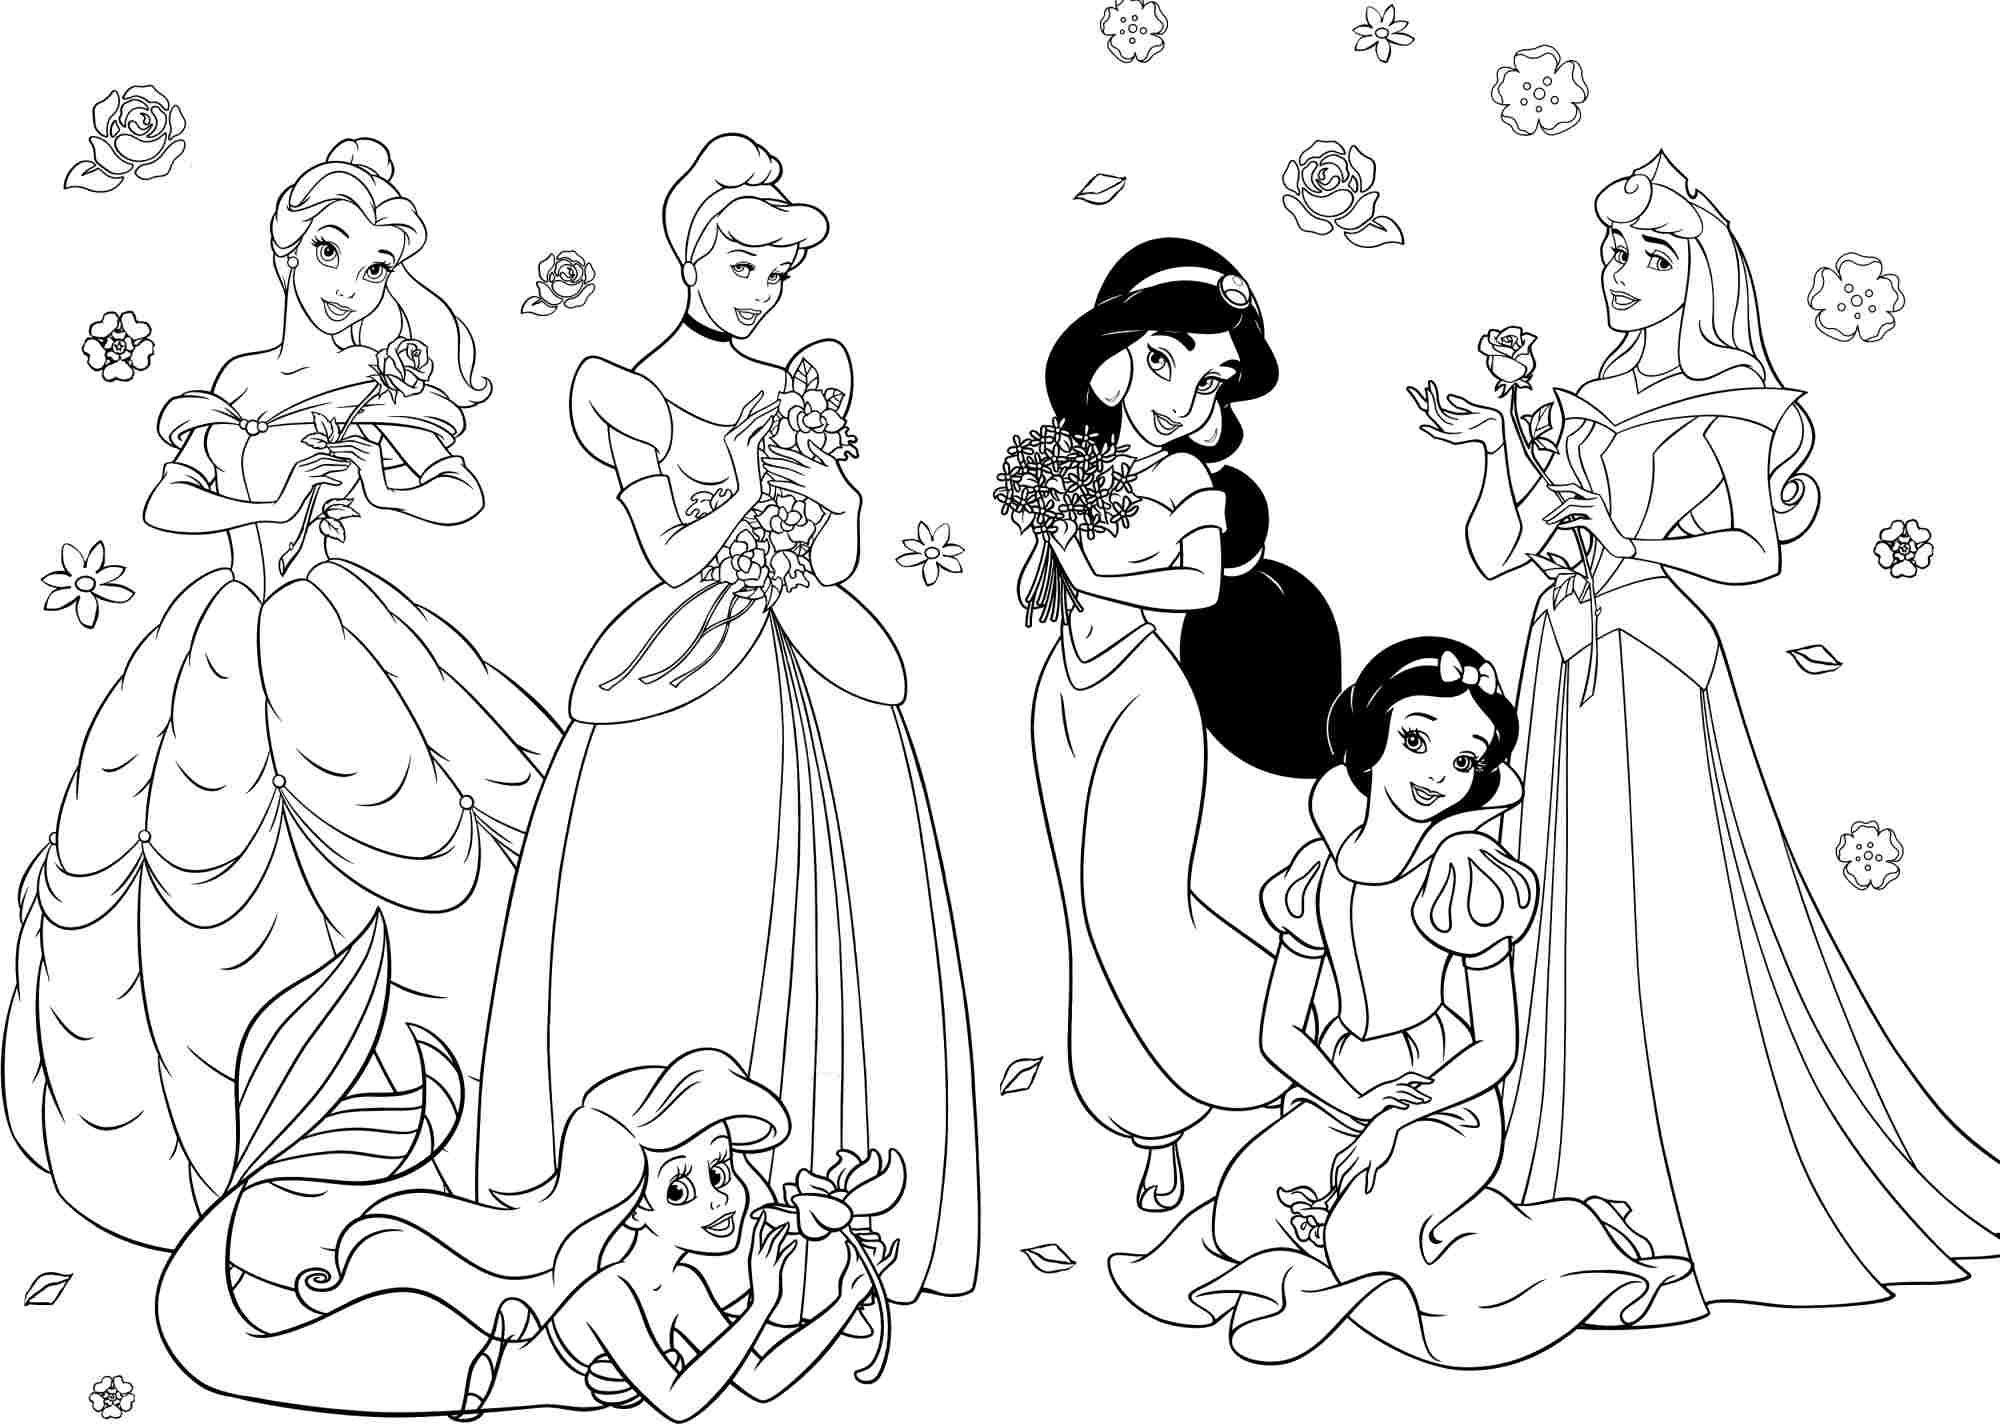 Tranh tô màu bảy nàng công chúa